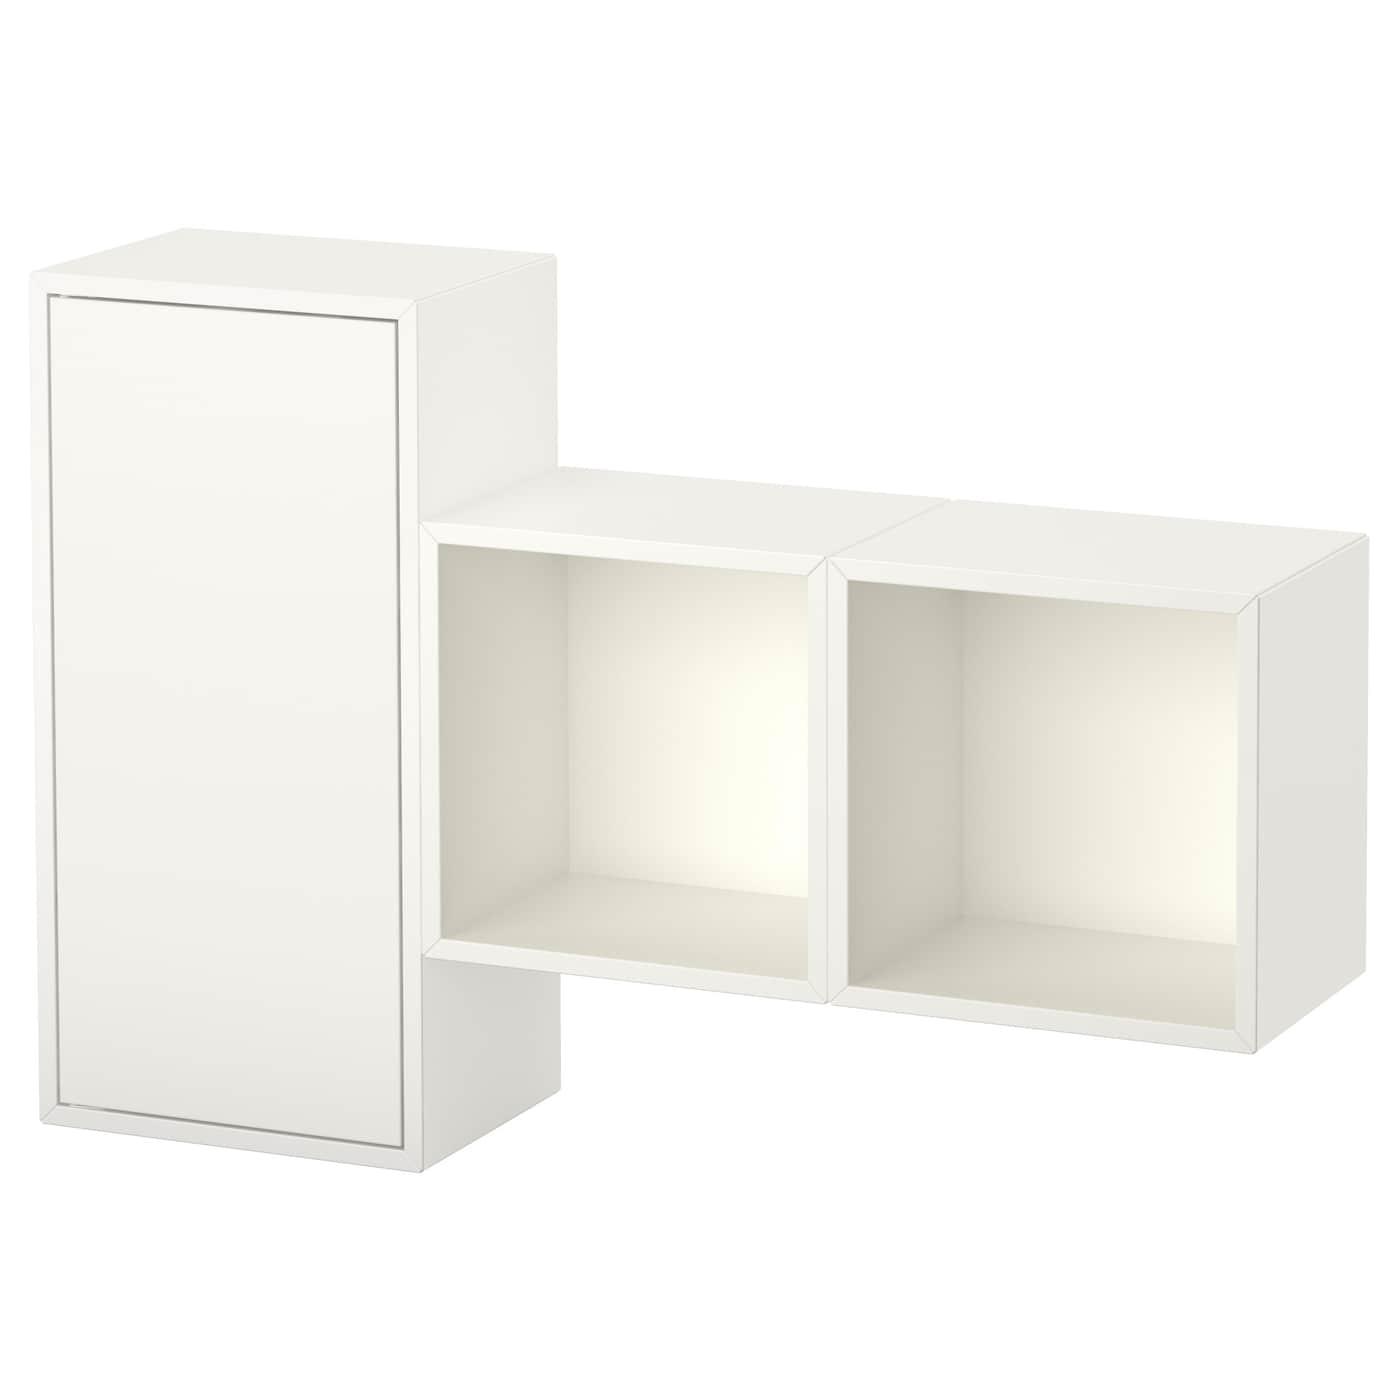 eket kastencombinatie voor wandmontage wit 105 x 25 x 70 cm ikea. Black Bedroom Furniture Sets. Home Design Ideas